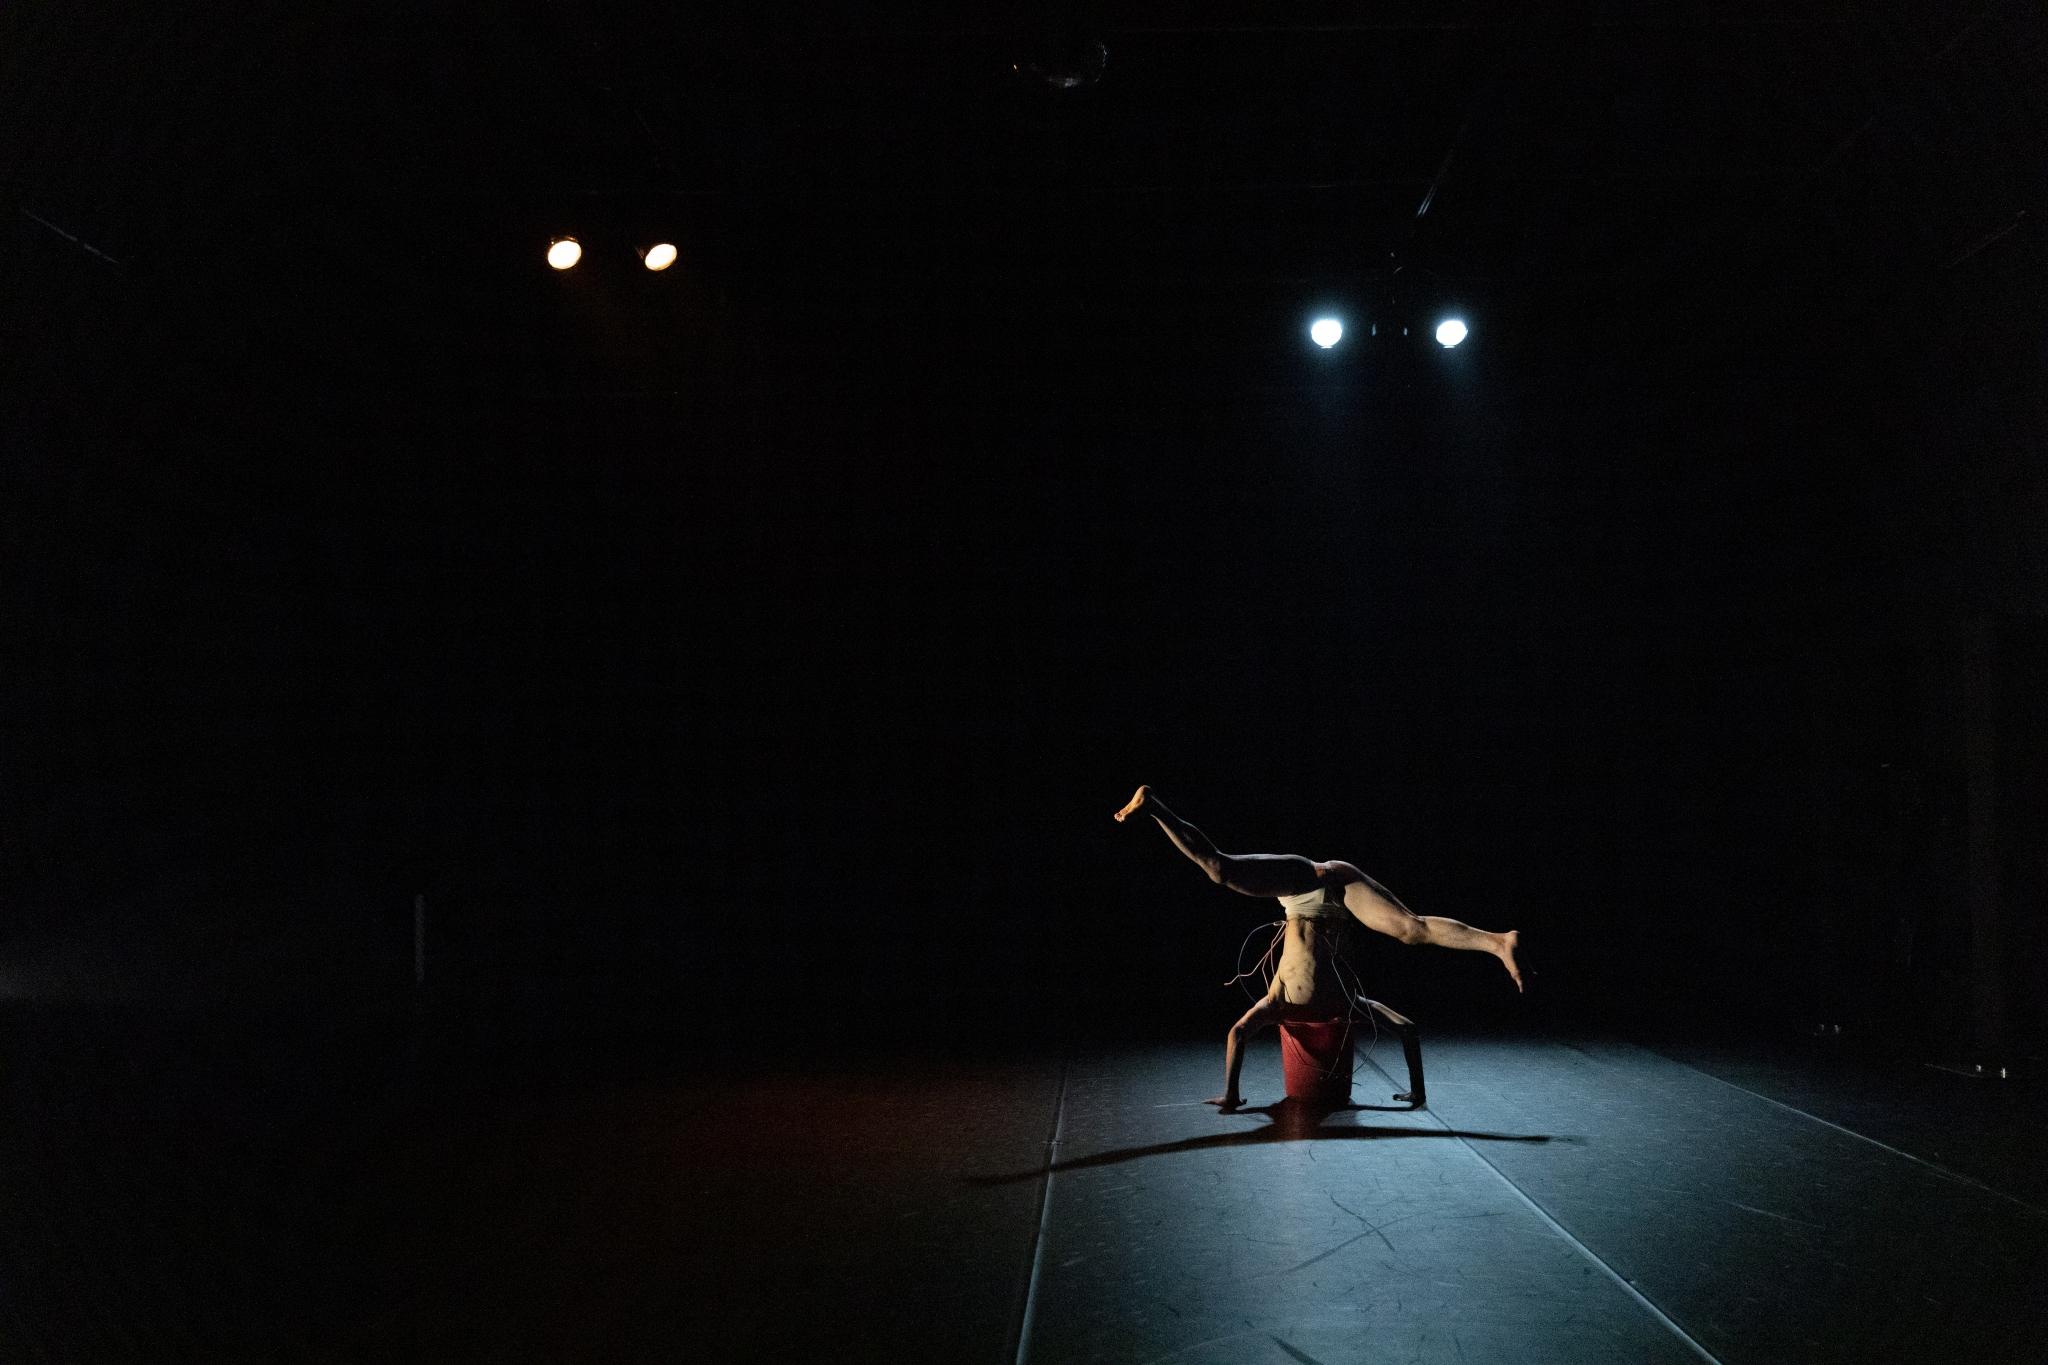 《戴花的少年》演出照出(劇照由詩篇舞集提供 ,攝影 Nick Sou)